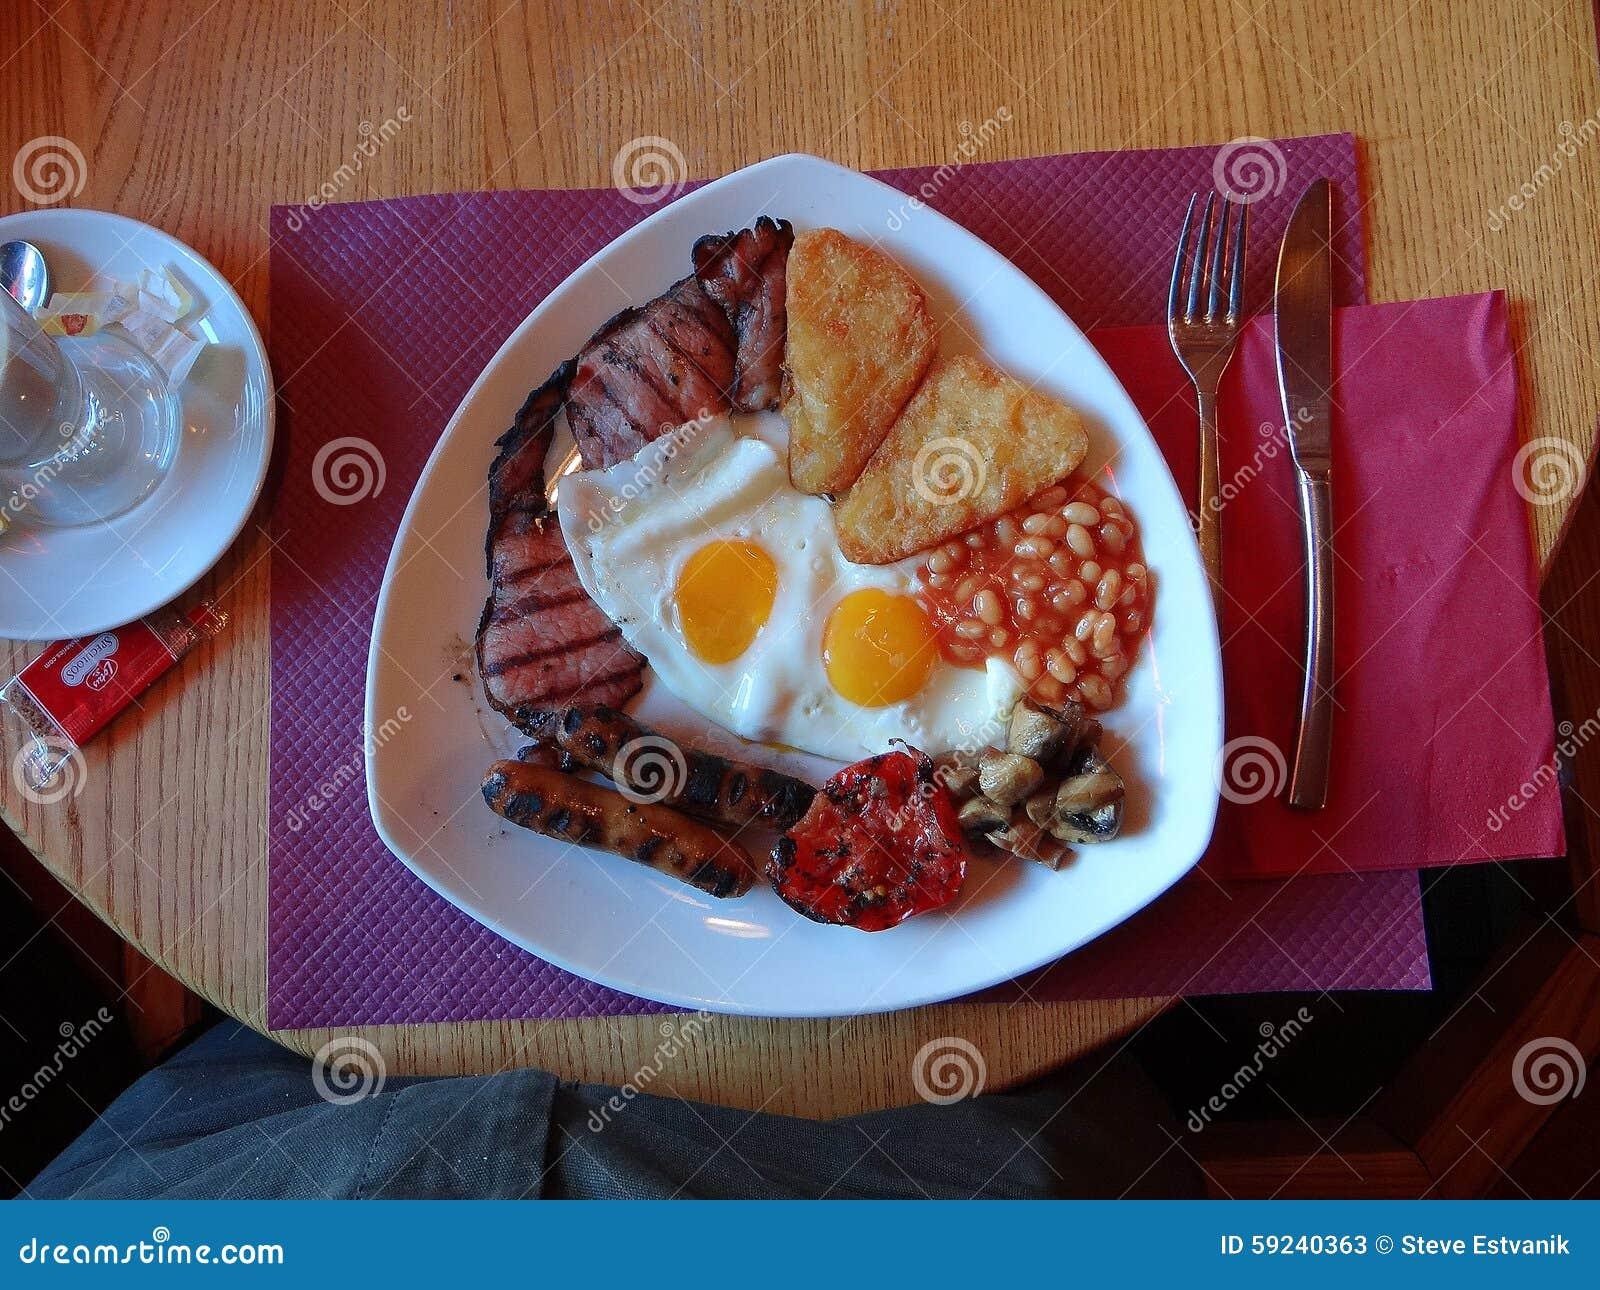 Download Desayuno inglés lleno imagen de archivo. Imagen de tostada - 59240363